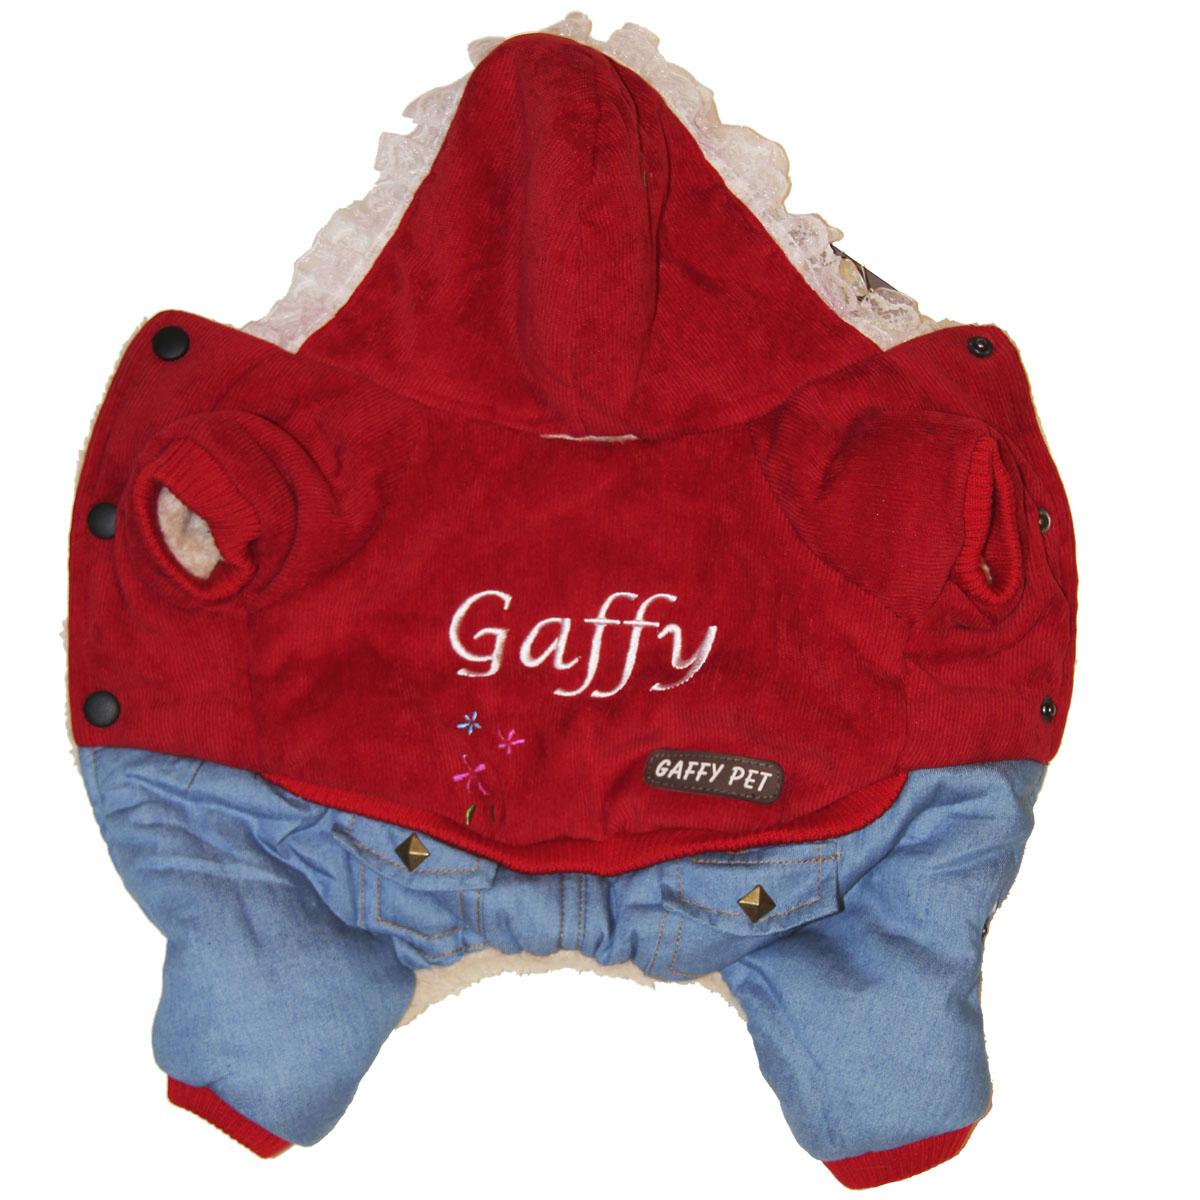 Комбинезон для собак Gaffy Pet Flower, зимний, девочки, цвет: красный, голубой. Размер S